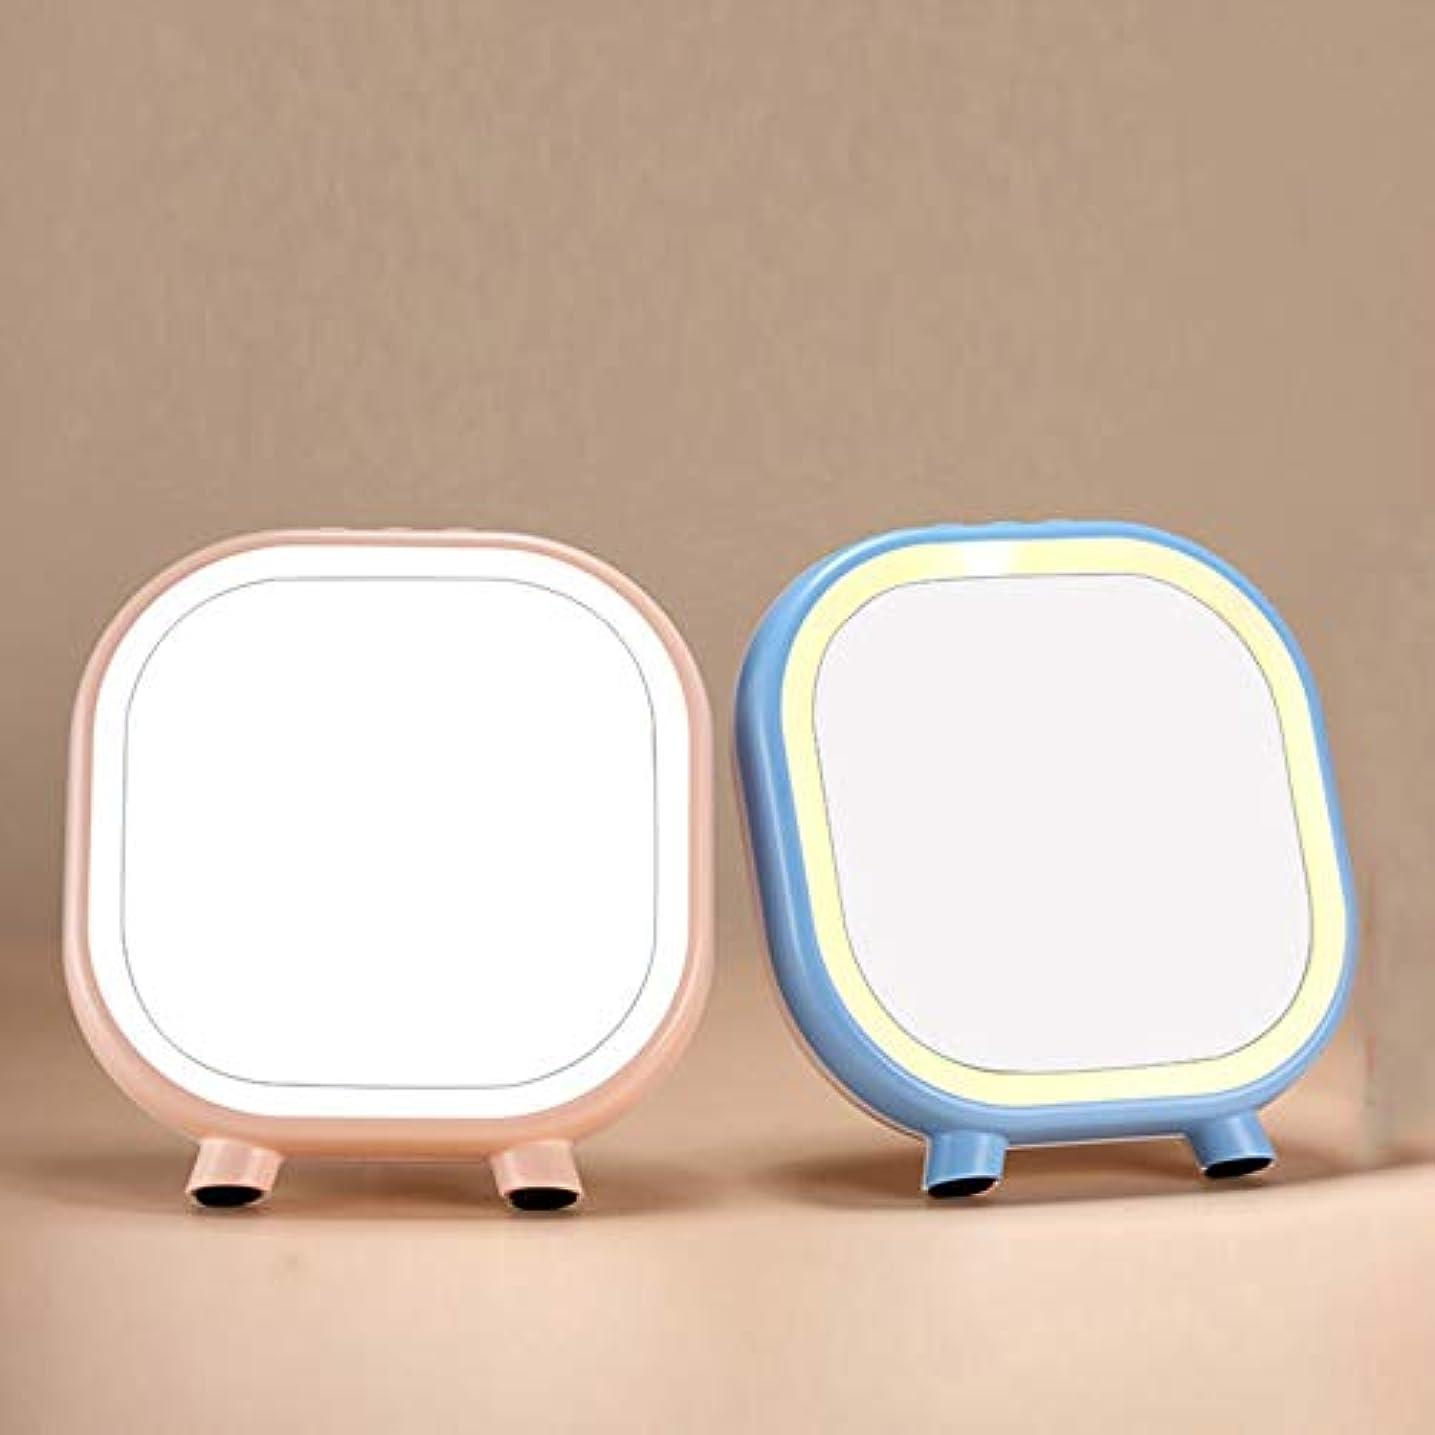 ありふれたカルシウム同志流行の クリエイティブ新しいLED照明ブルートゥーススピーカー美容ミラー化粧鏡化粧鏡ABS材料2ブルーブルー (色 : Blue)